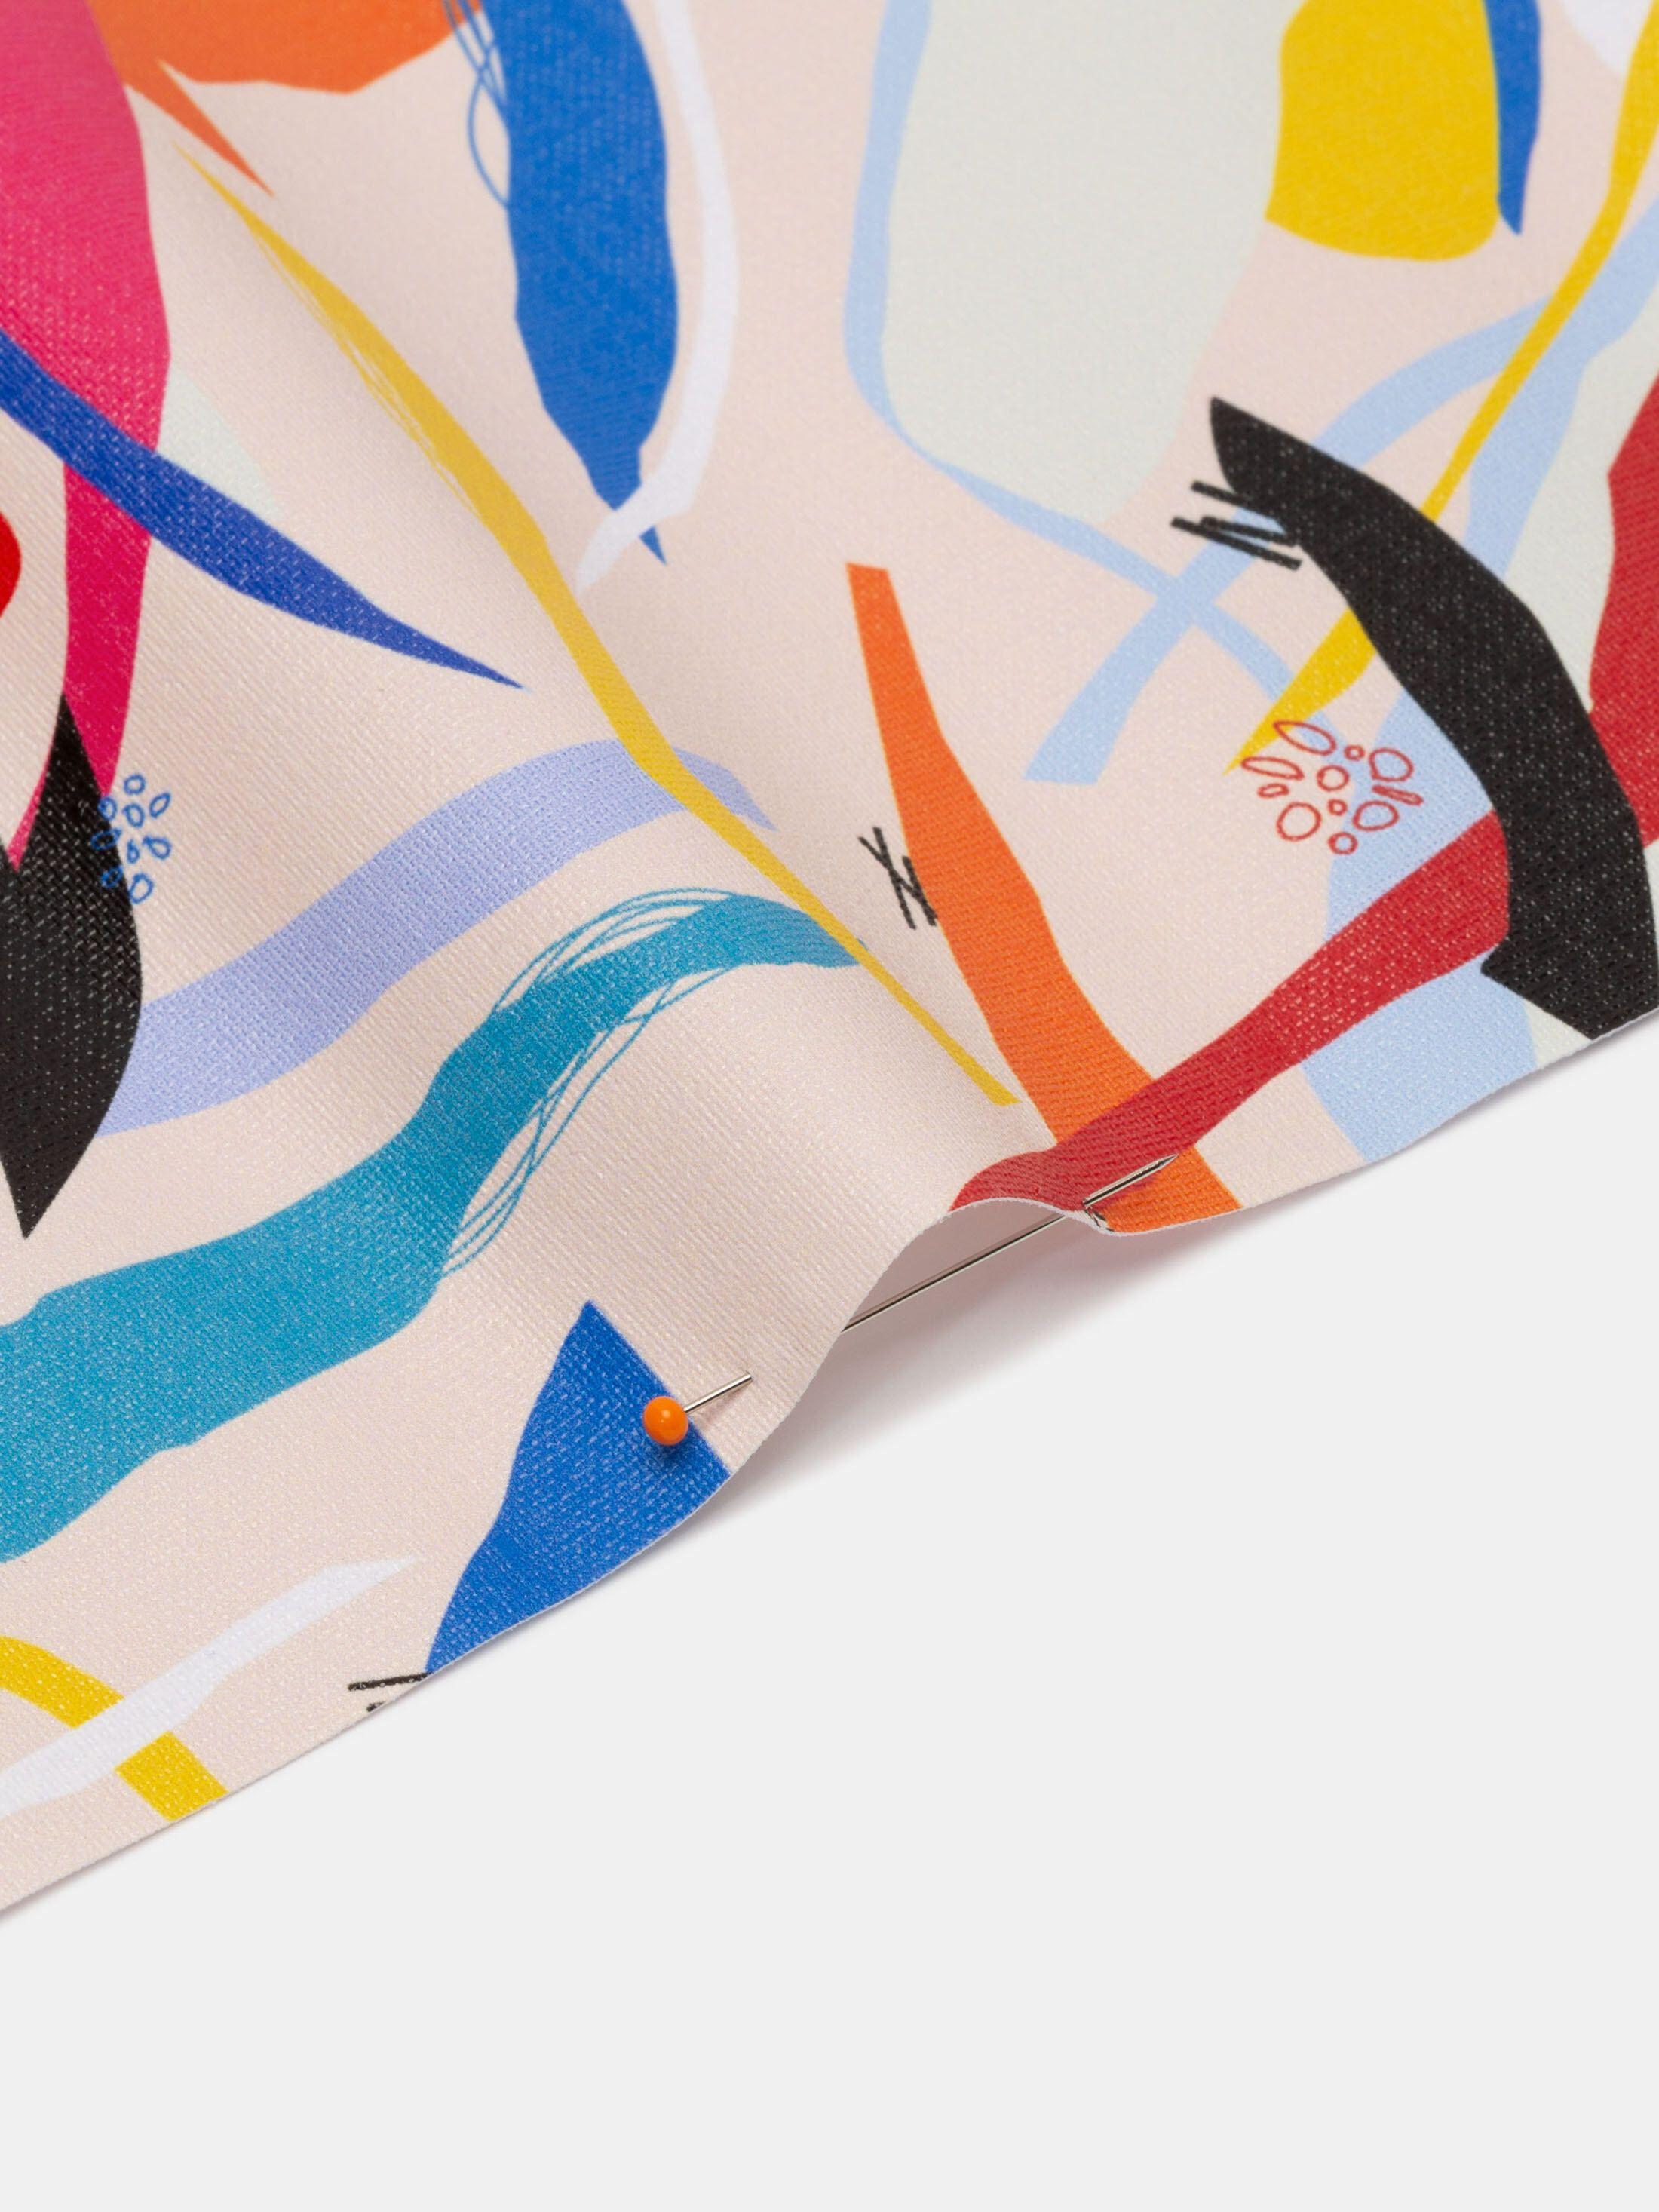 Stampa digitale su tessuto rigido semi-trasparente